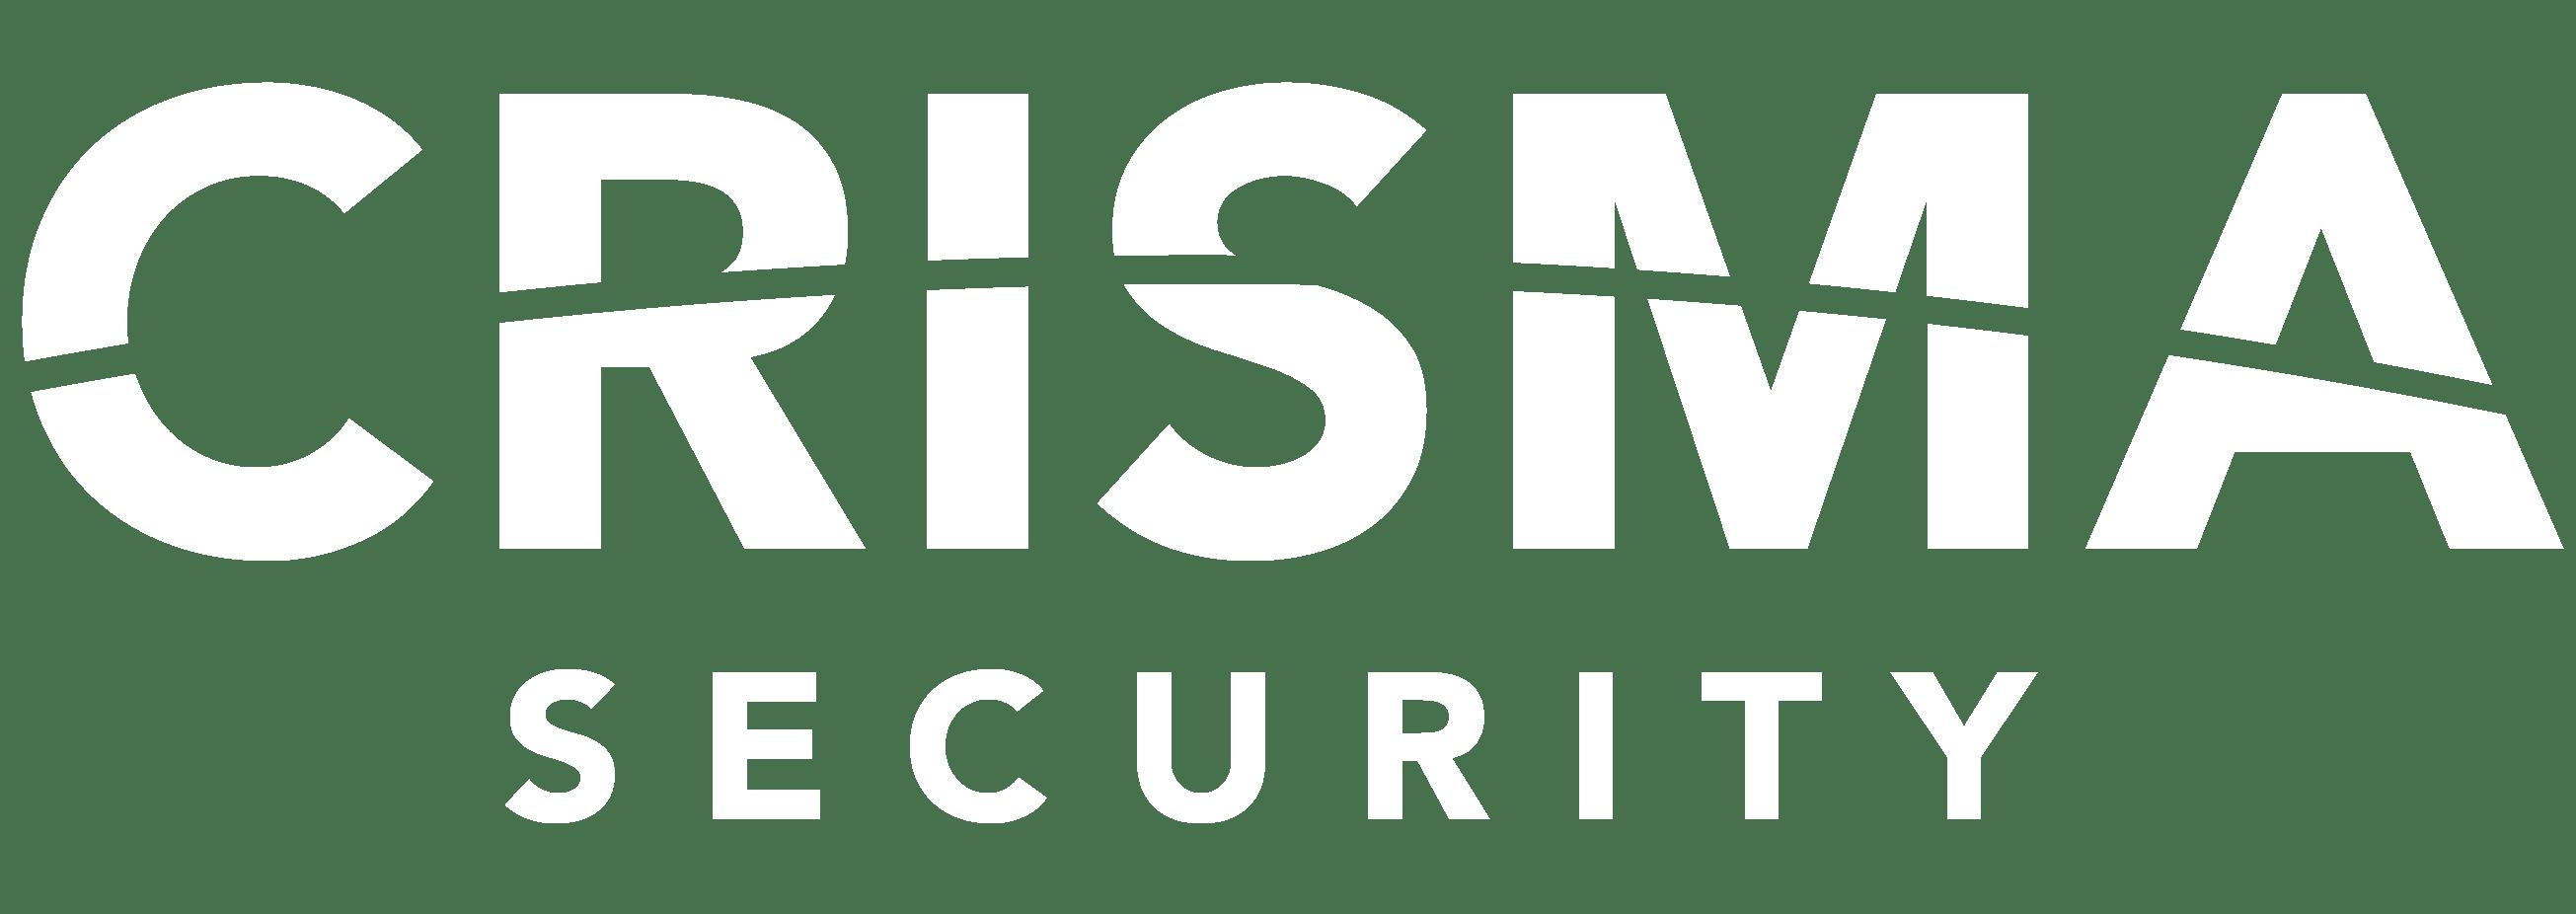 CRISMA Security